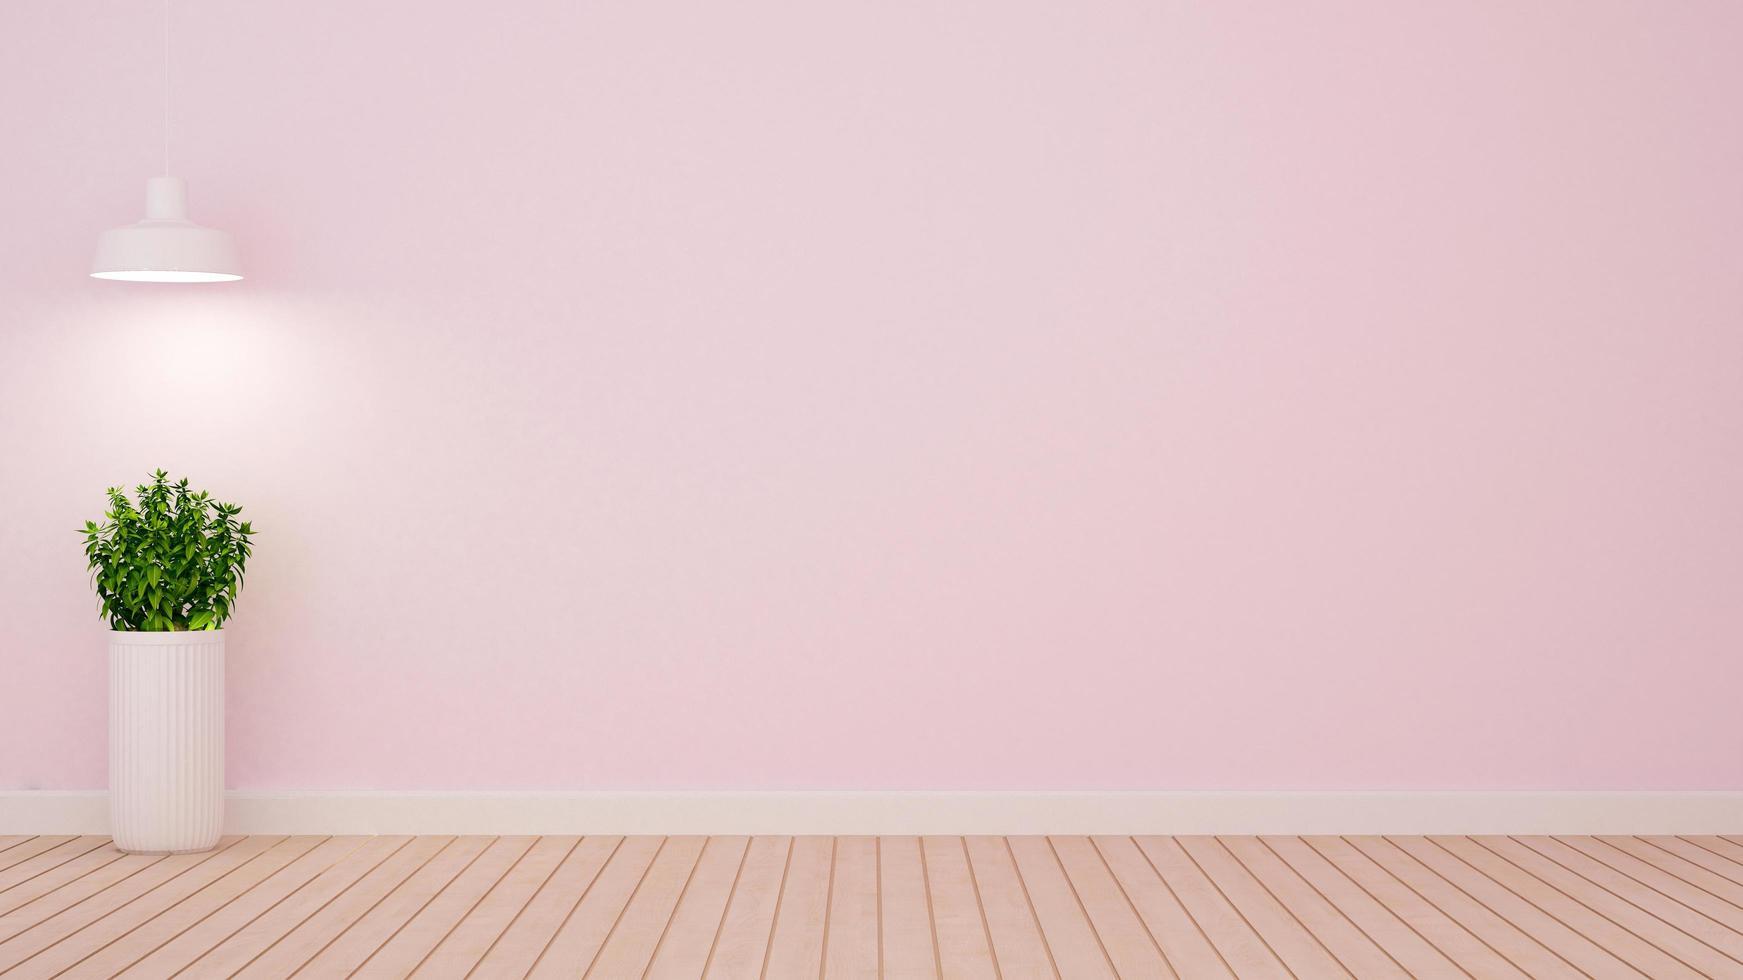 pianta e lampada a sospensione in una stanza vuota su tonalità rosa chiaro foto